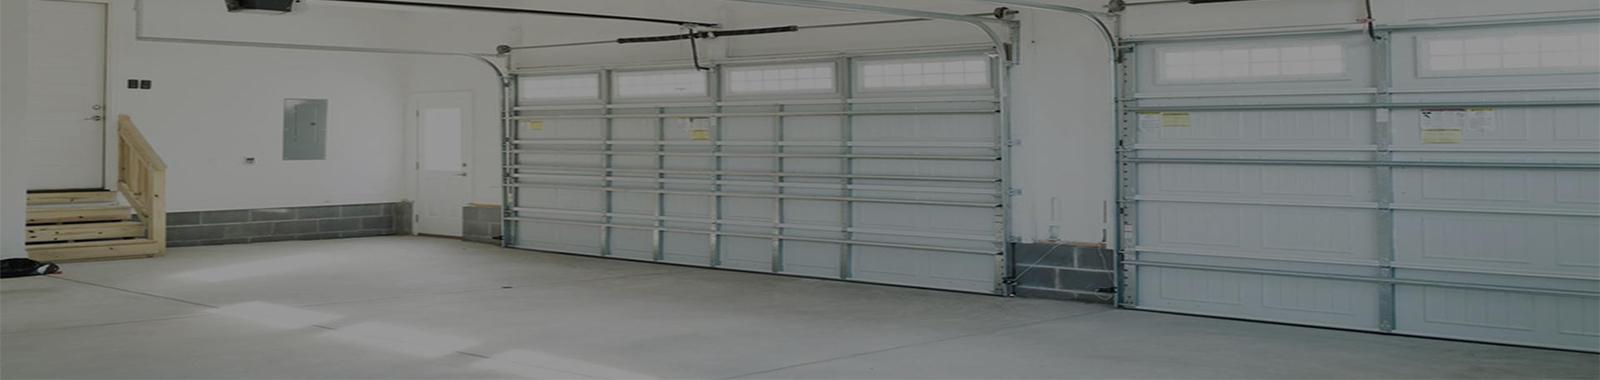 Garage Door Repair in Commack, NY